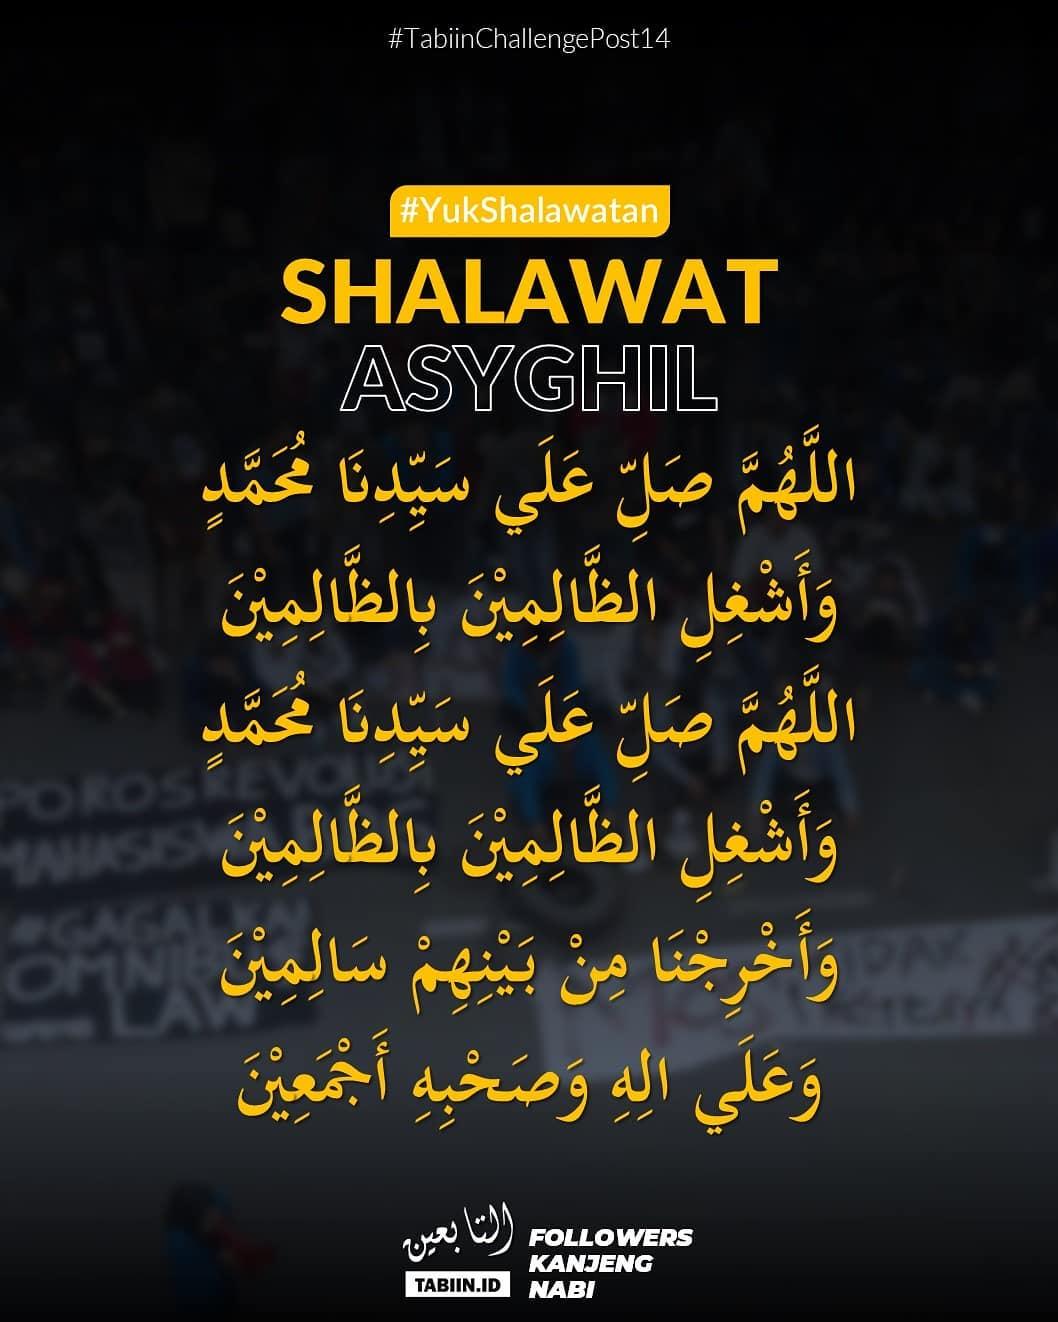 Sholawat Asyghil Dan Artinya : sholawat, asyghil, artinya, Prapto, Pinardi, Twitter:,